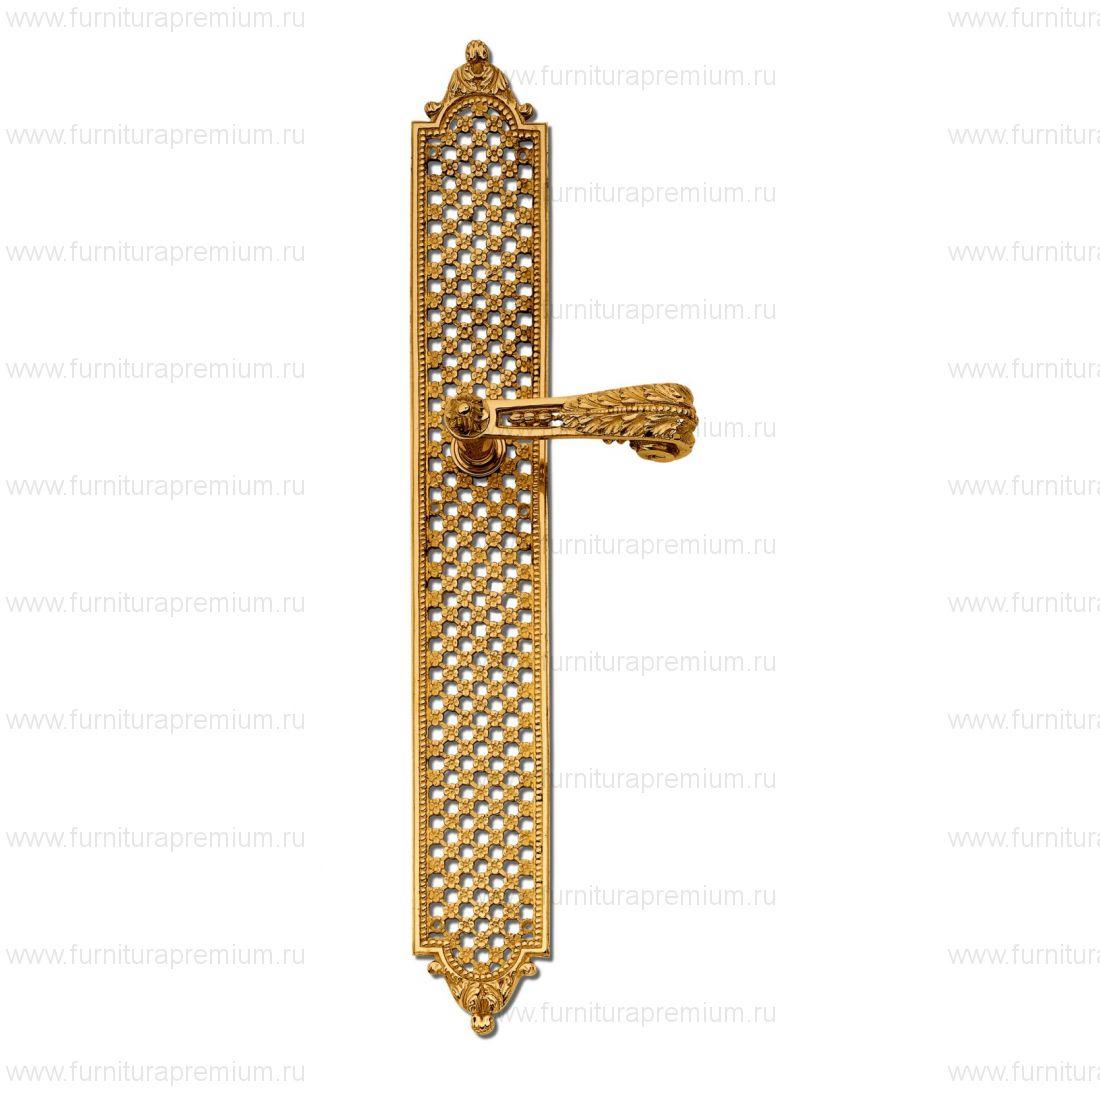 Ручка Enrico Cassina Marie-Antoniette  C01610 на планке